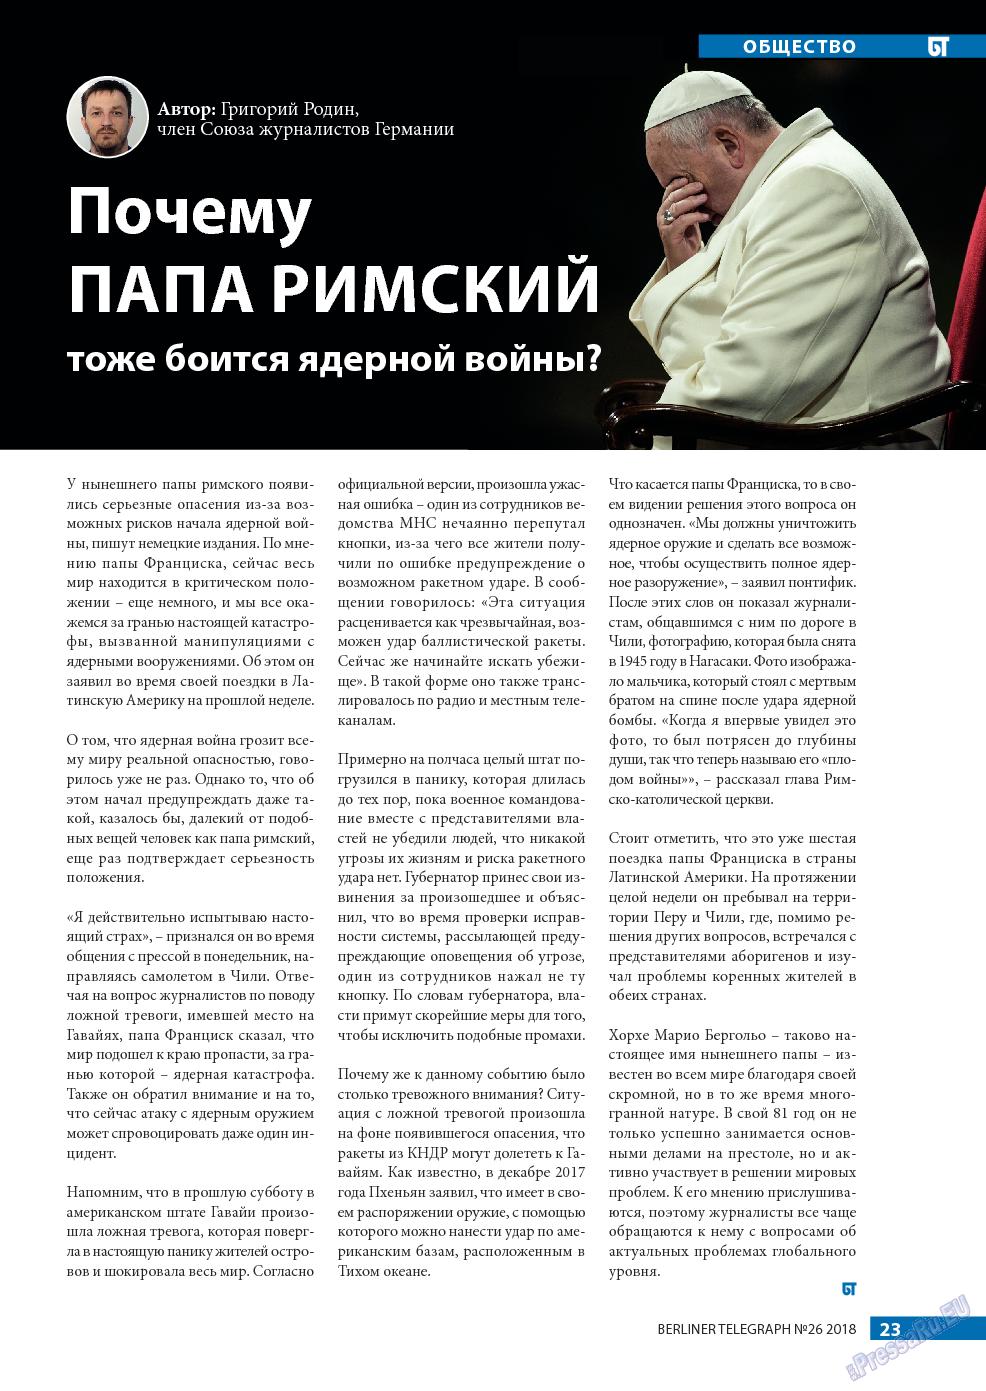 Берлинский телеграф (журнал). 2018 год, номер 26, стр. 23